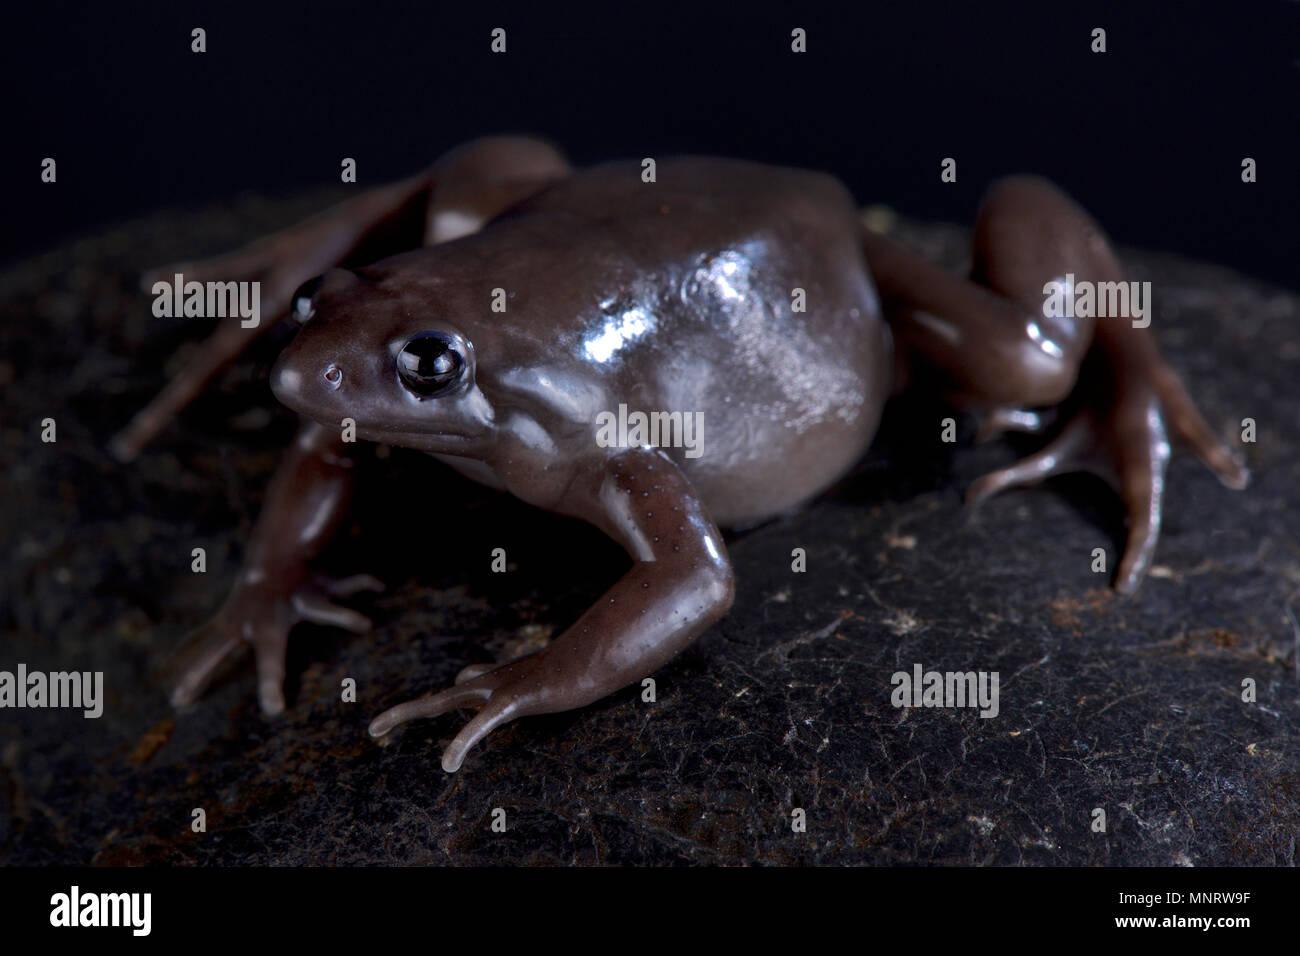 Le Costa Rica Nelson frog (Ctenophryne aterrima) est une puissante terrestres et nocturnes, espèce de grenouille noire trouvés au Panama, Costa Rica et l'Equateur. Photo Stock